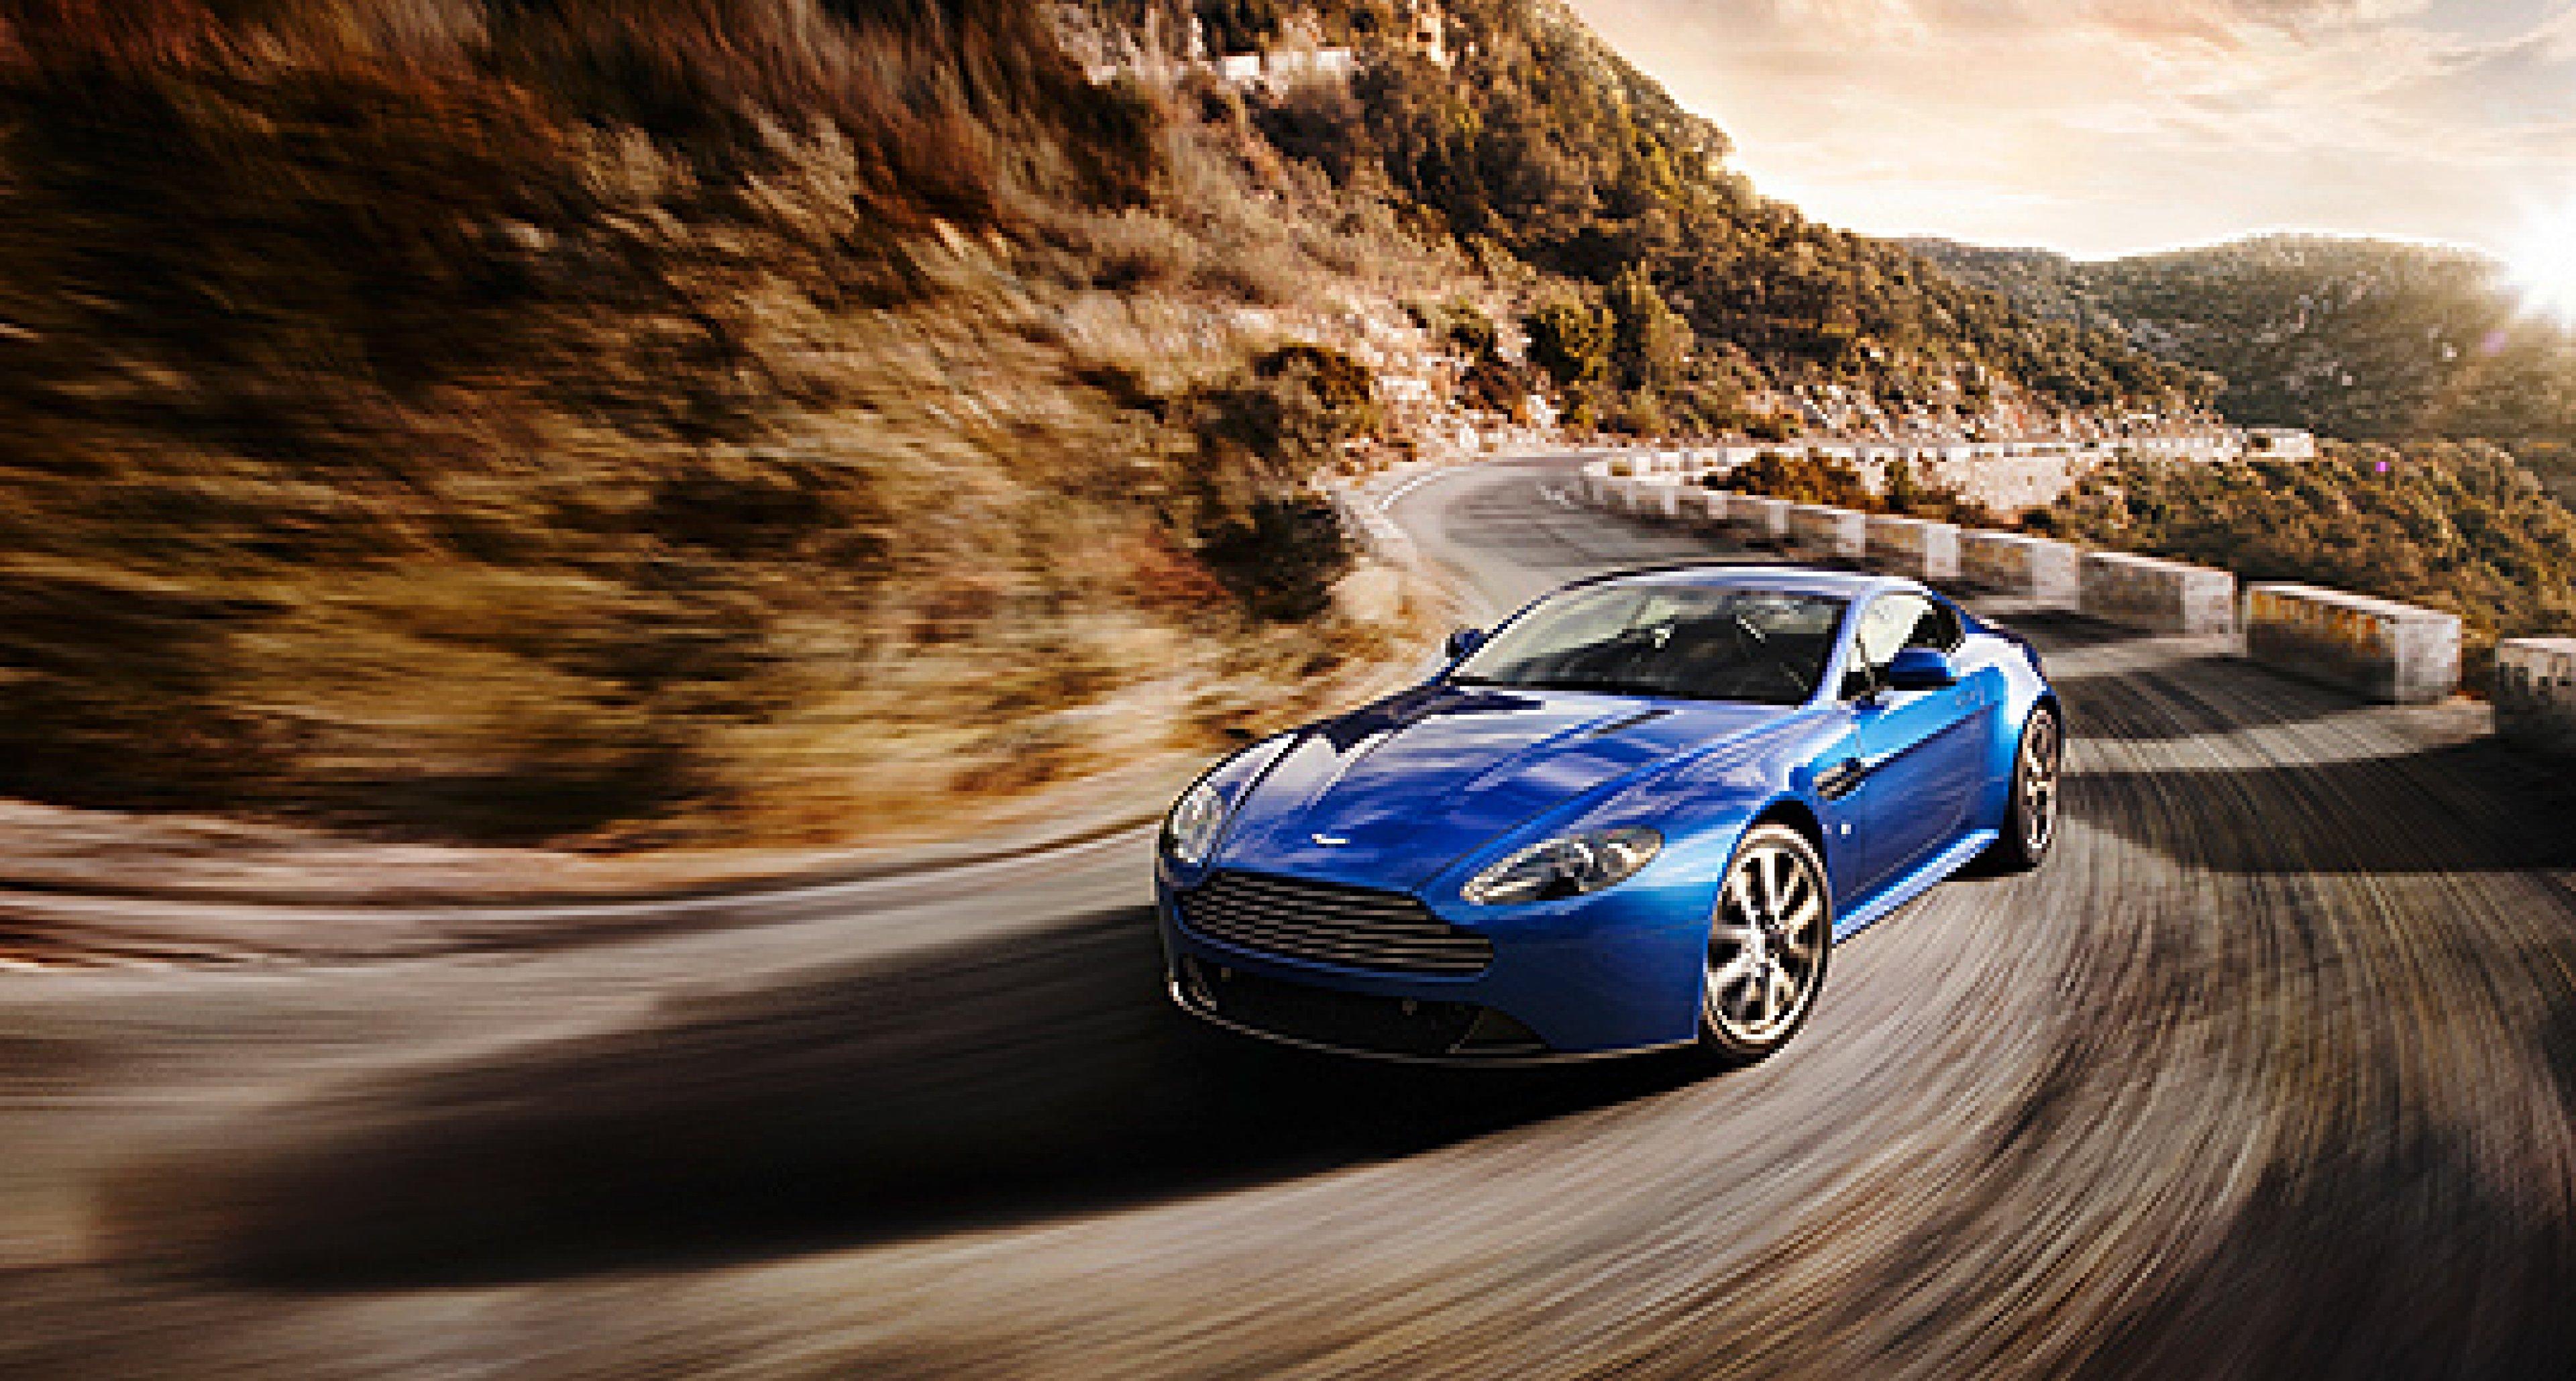 Aston Martin V8 Vantage S: Mehr Leistung, frischer Look